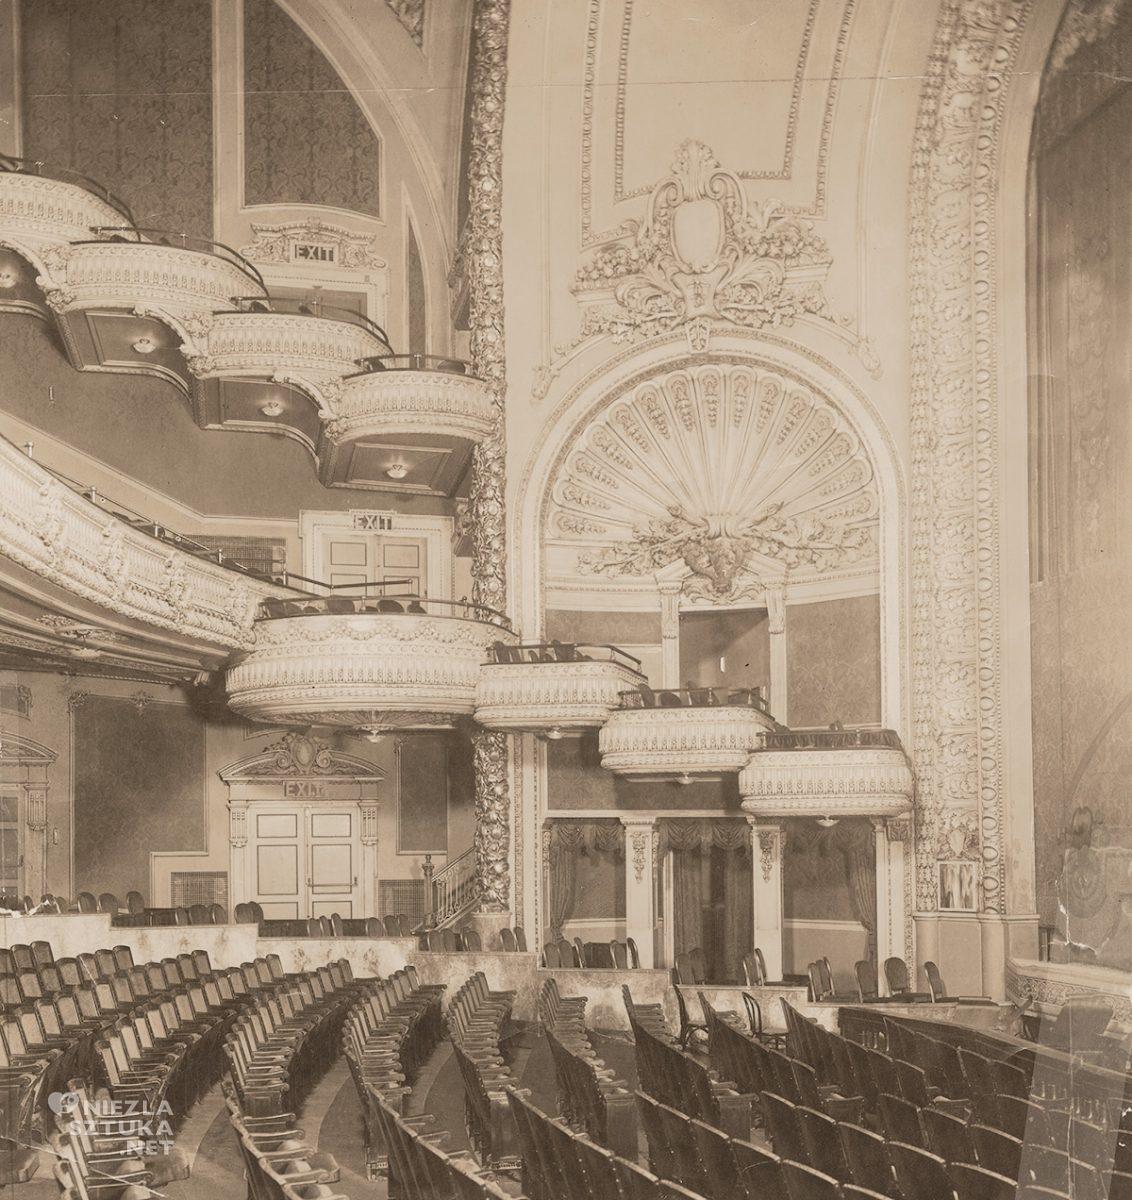 Palace Theater, Nowy Jork, Edward Hopper, kino, teatr, Niezła Sztuka